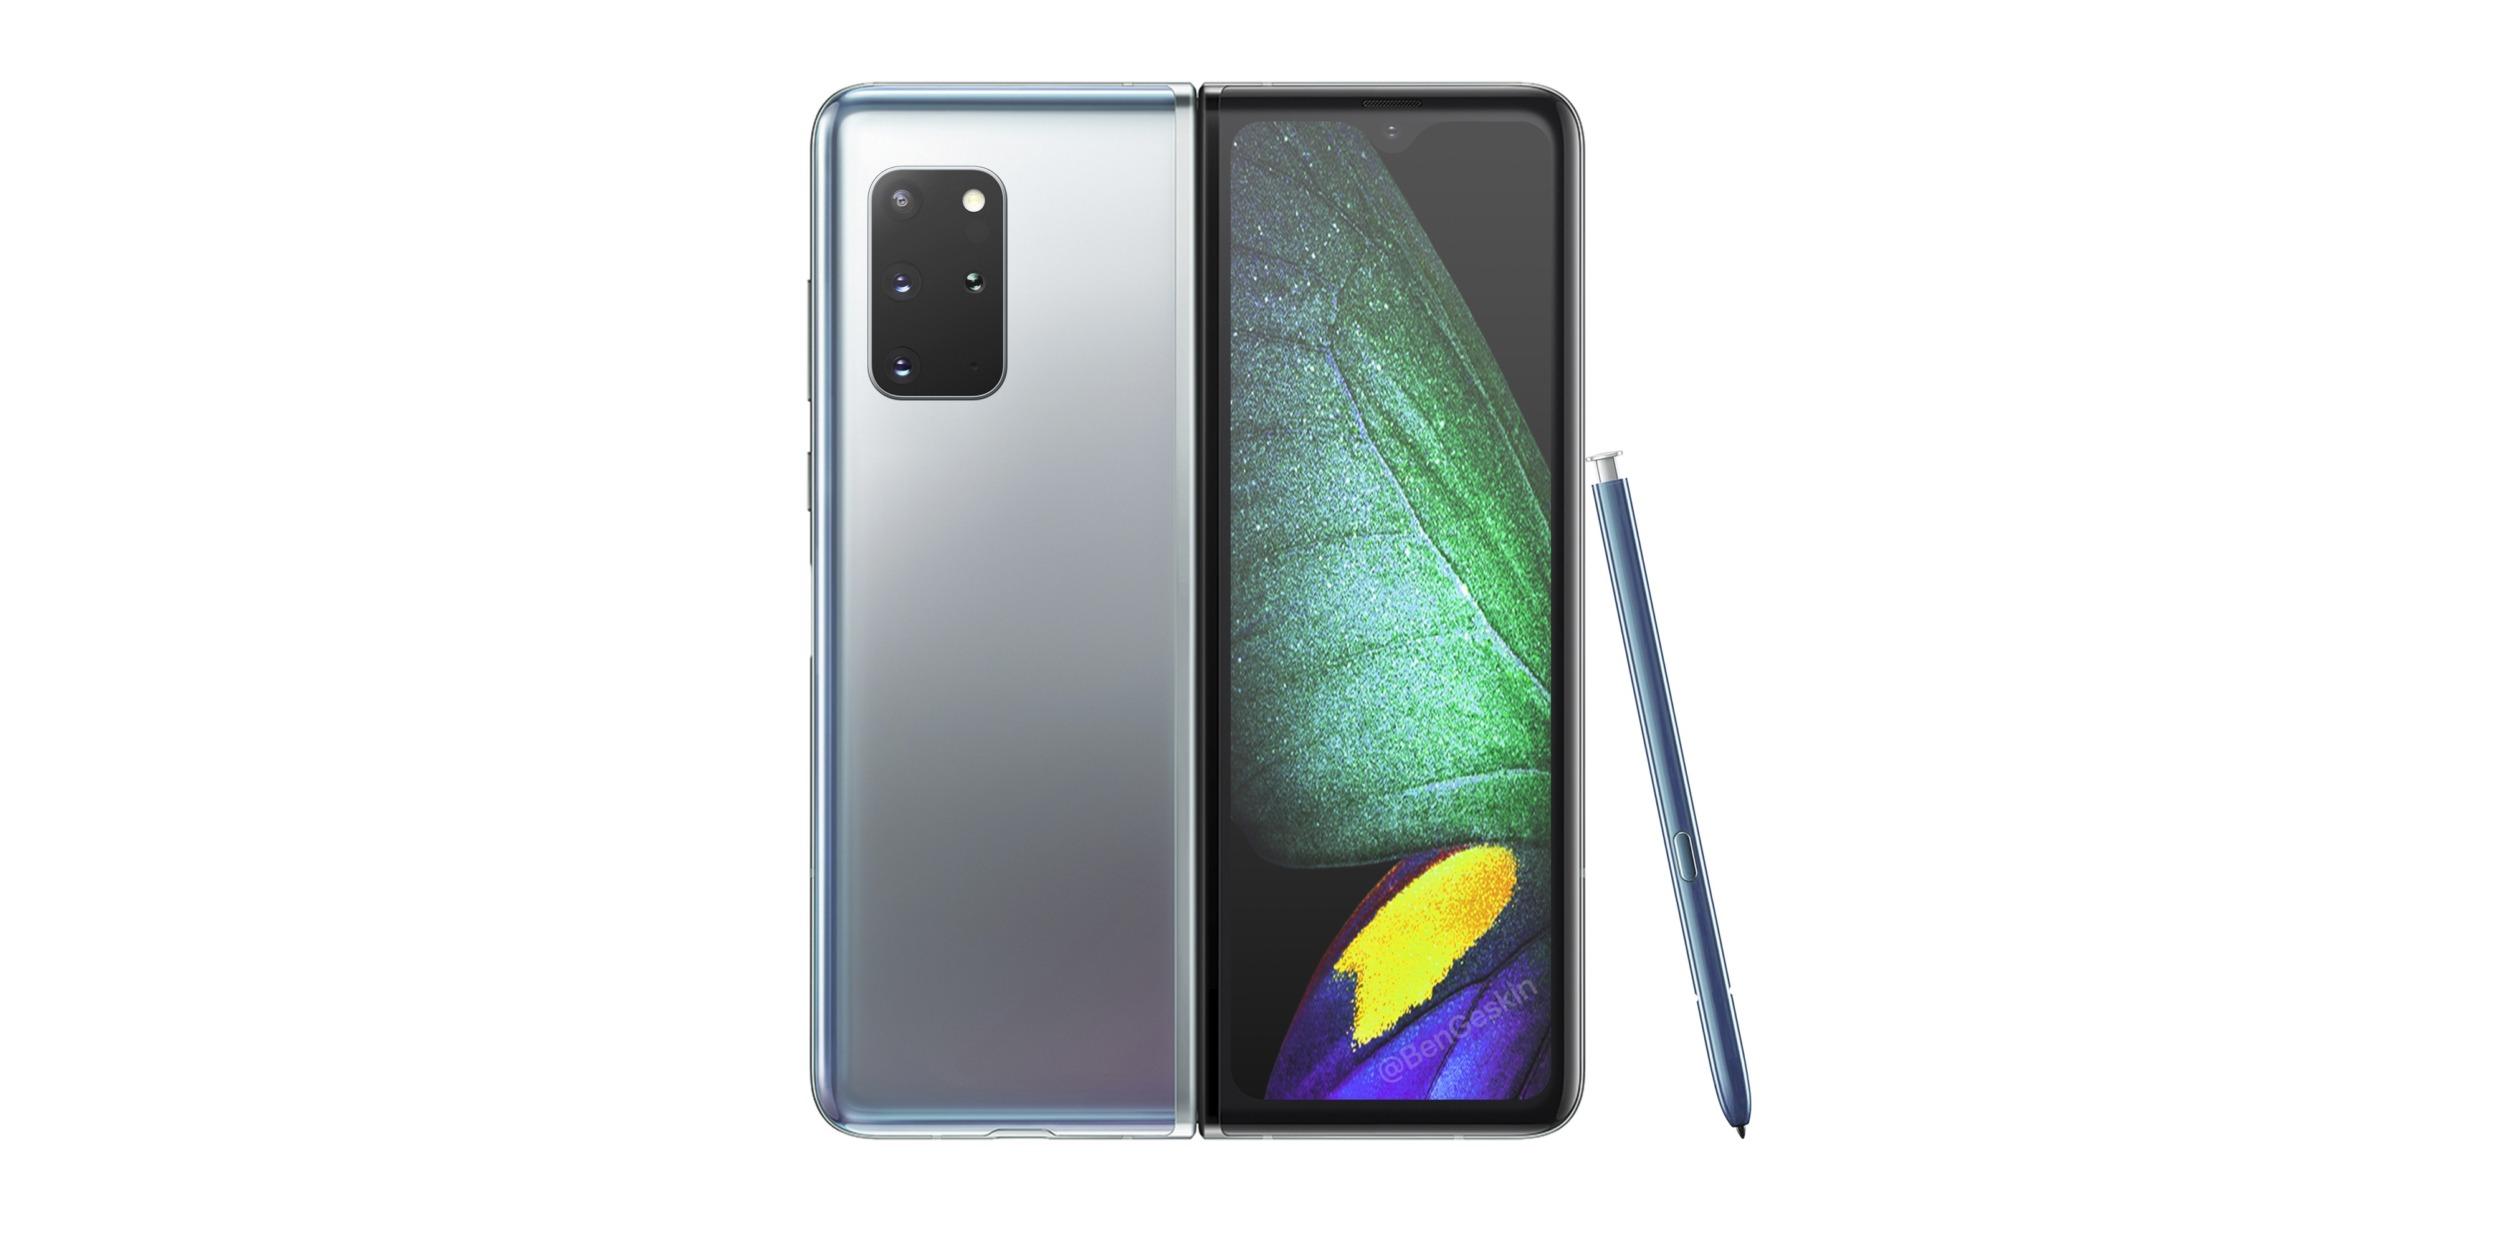 Galaxy Fold 2 má dorazit již v červenci a nabídne S Pen